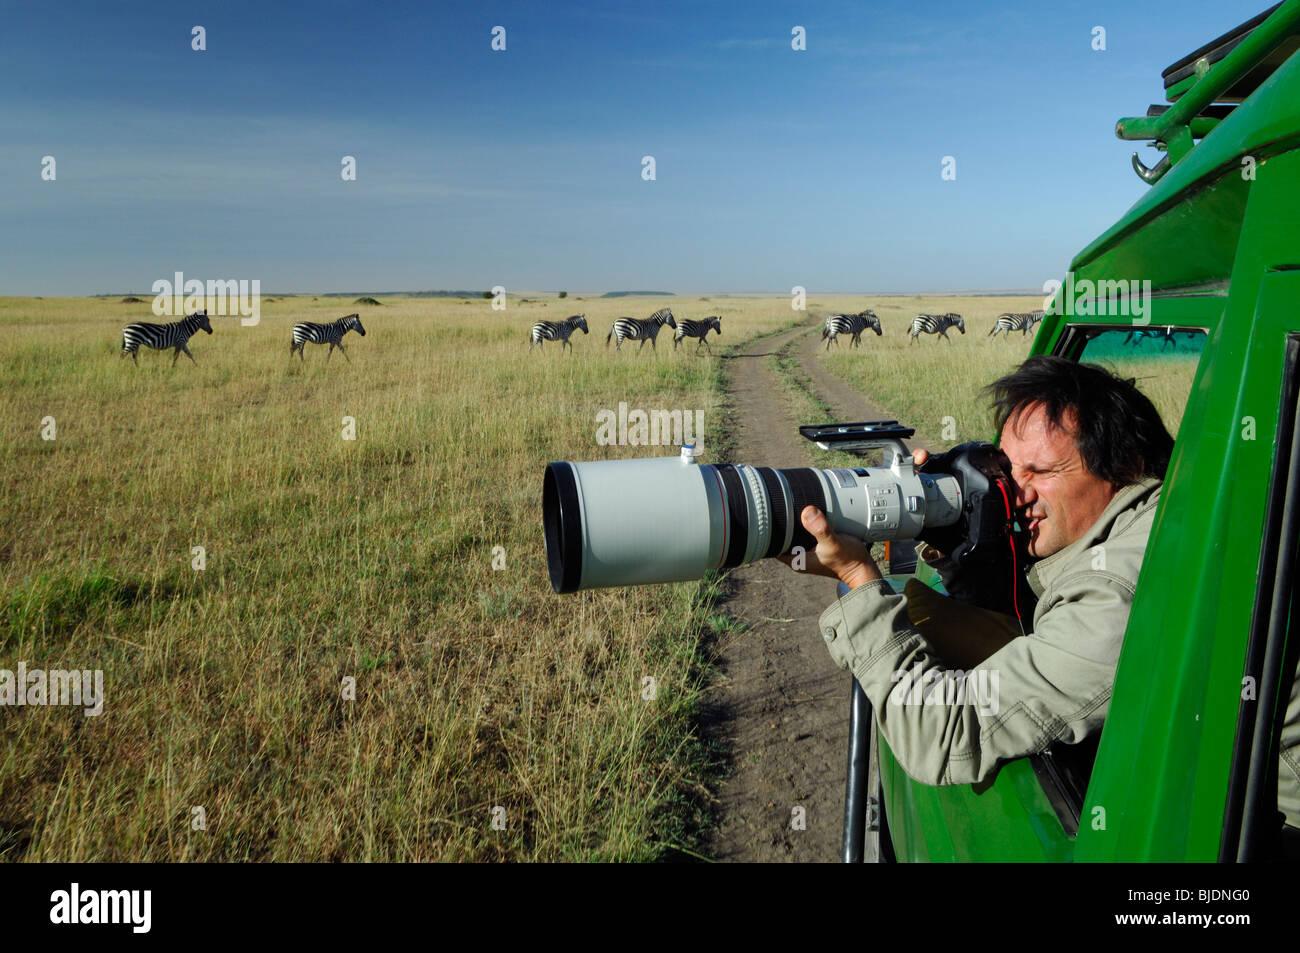 Tony Crocetta photographe animalier français professionnel avec prise de vue téléobjectif zèbres. Photo Stock